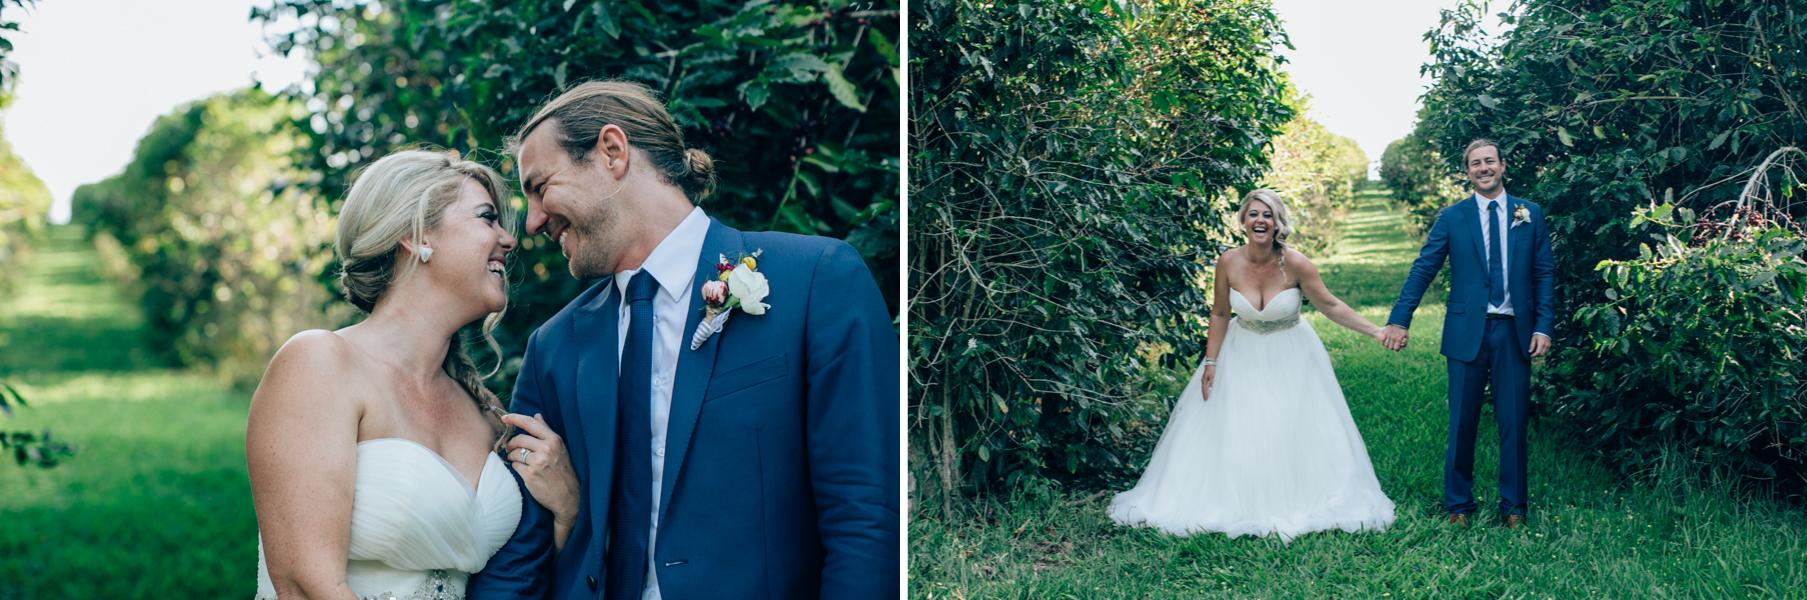 Erin & Craig Byron Bay Wedding Photography 26.jpg